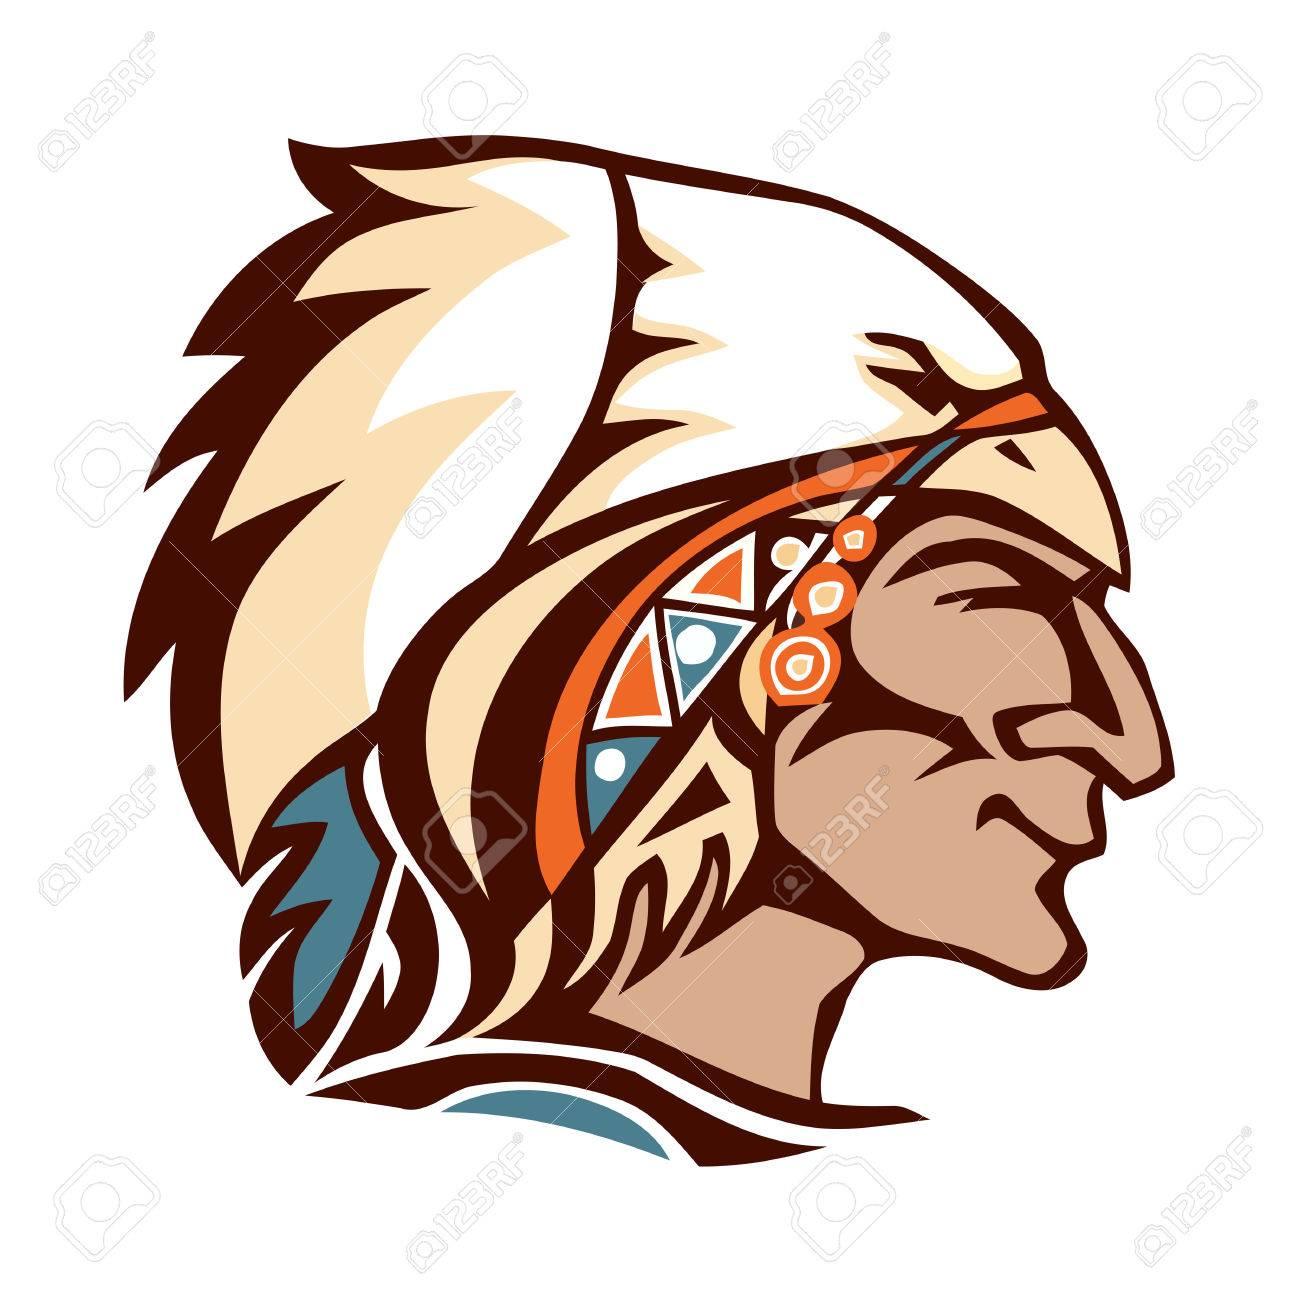 La Cabeza Del Jefe Indio Americano. Tocado De Plumas De águila Indio ...